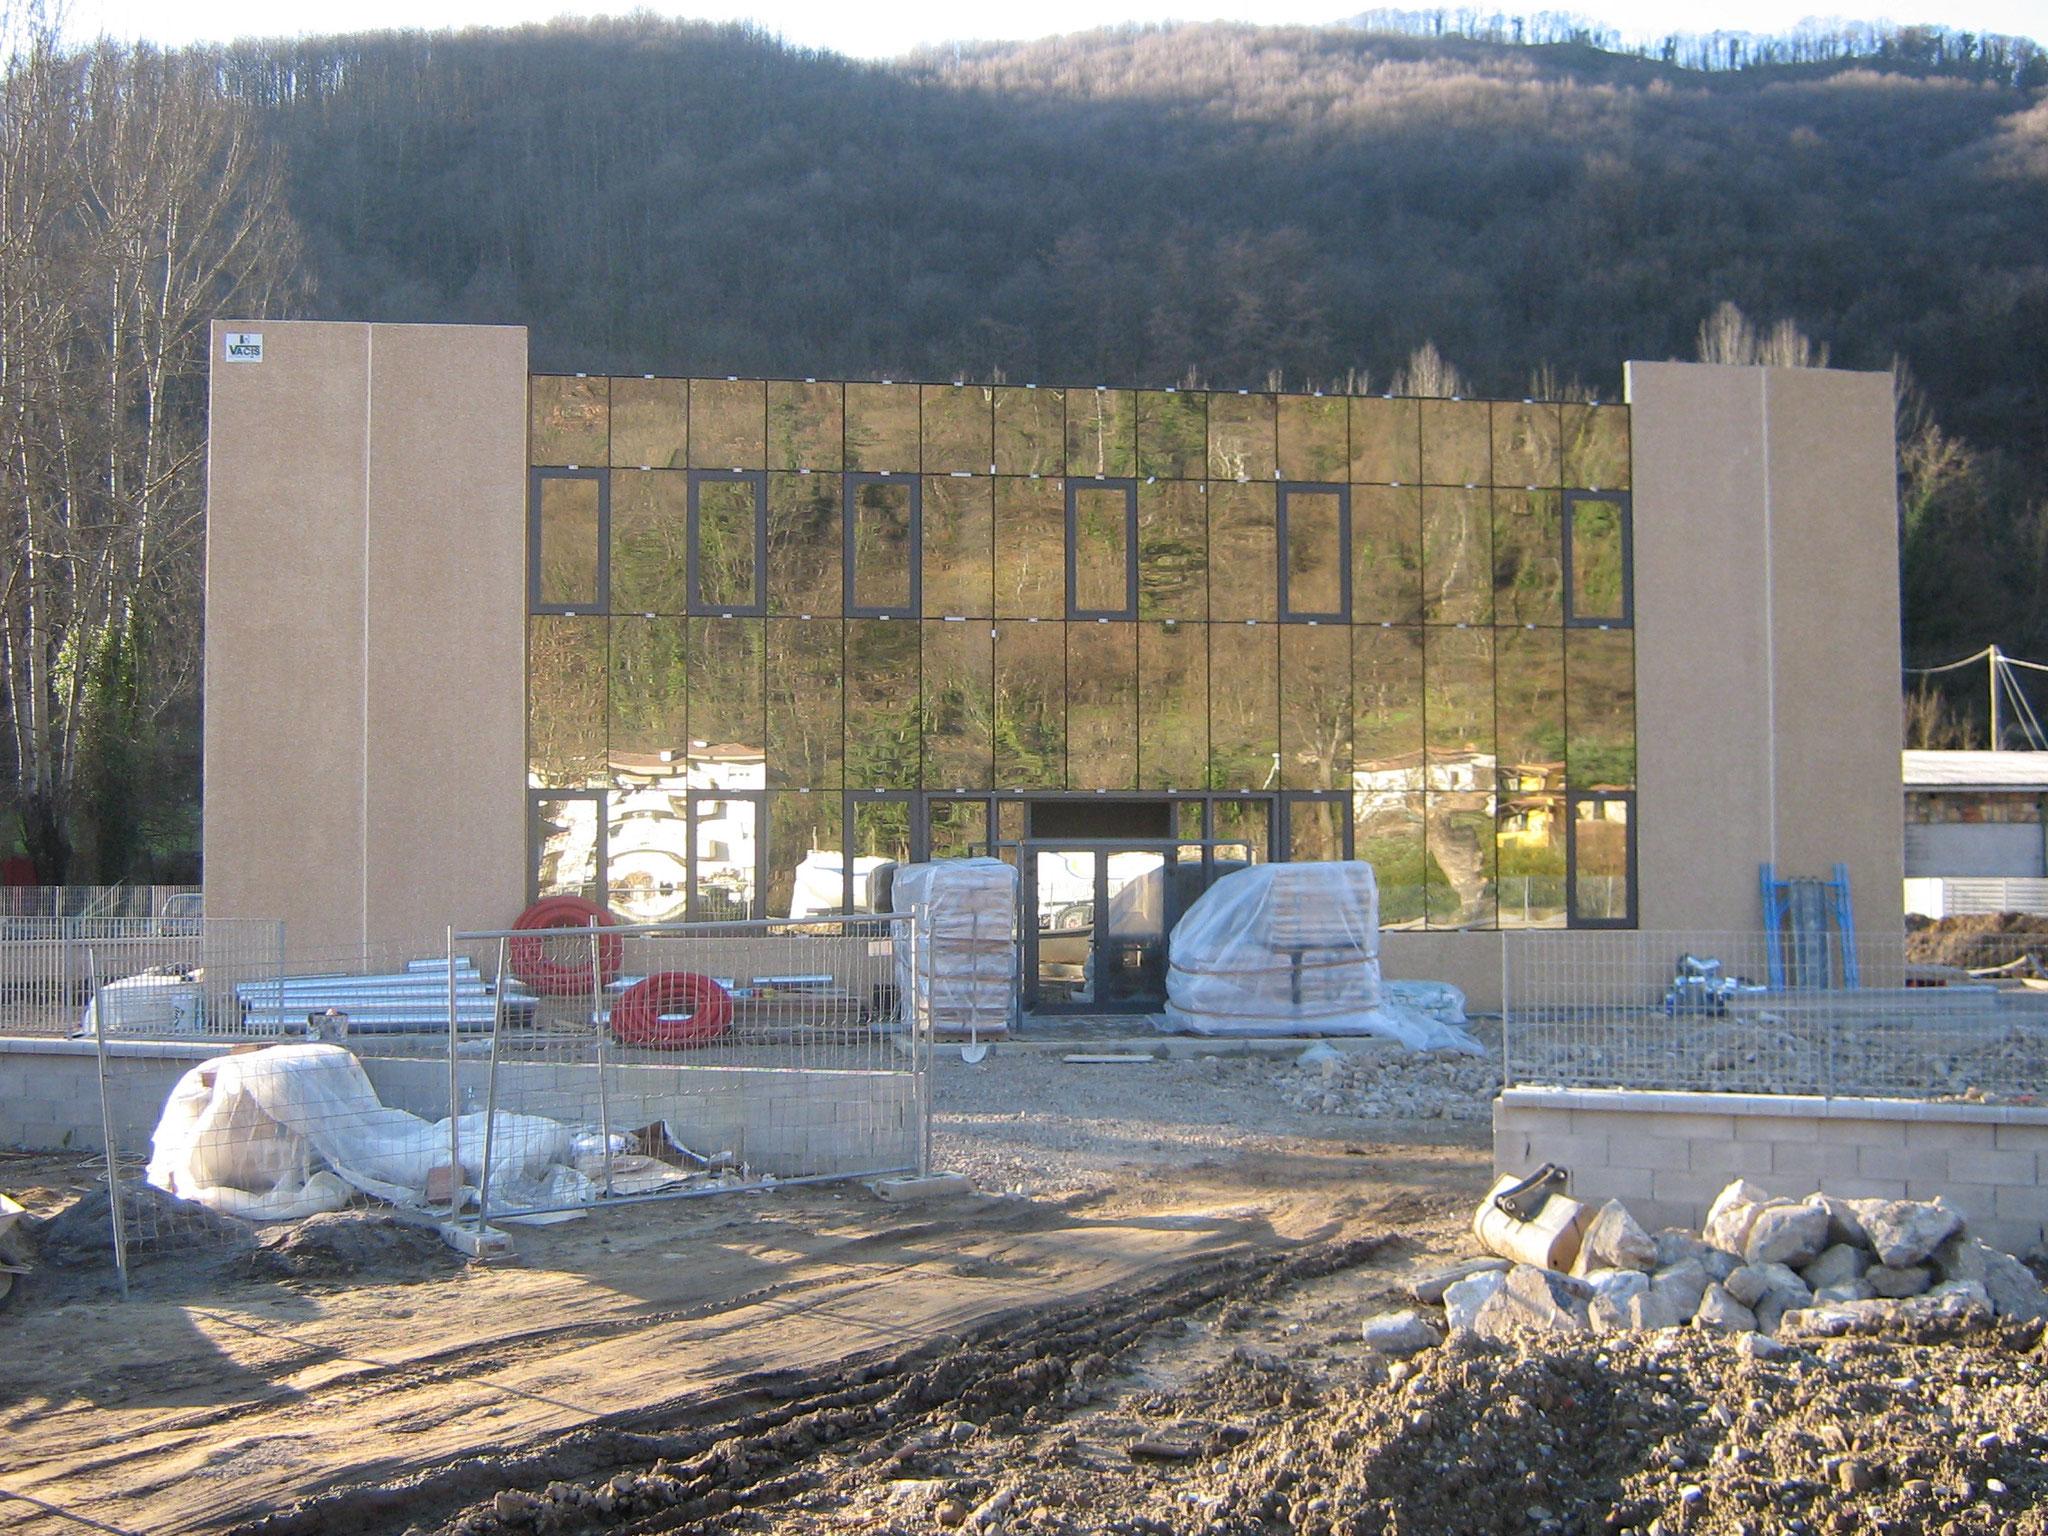 PROVINCIA DI LUCCA - Realizzazione del nuovo centro per l'impiego a Castelnuovo Garfagnana